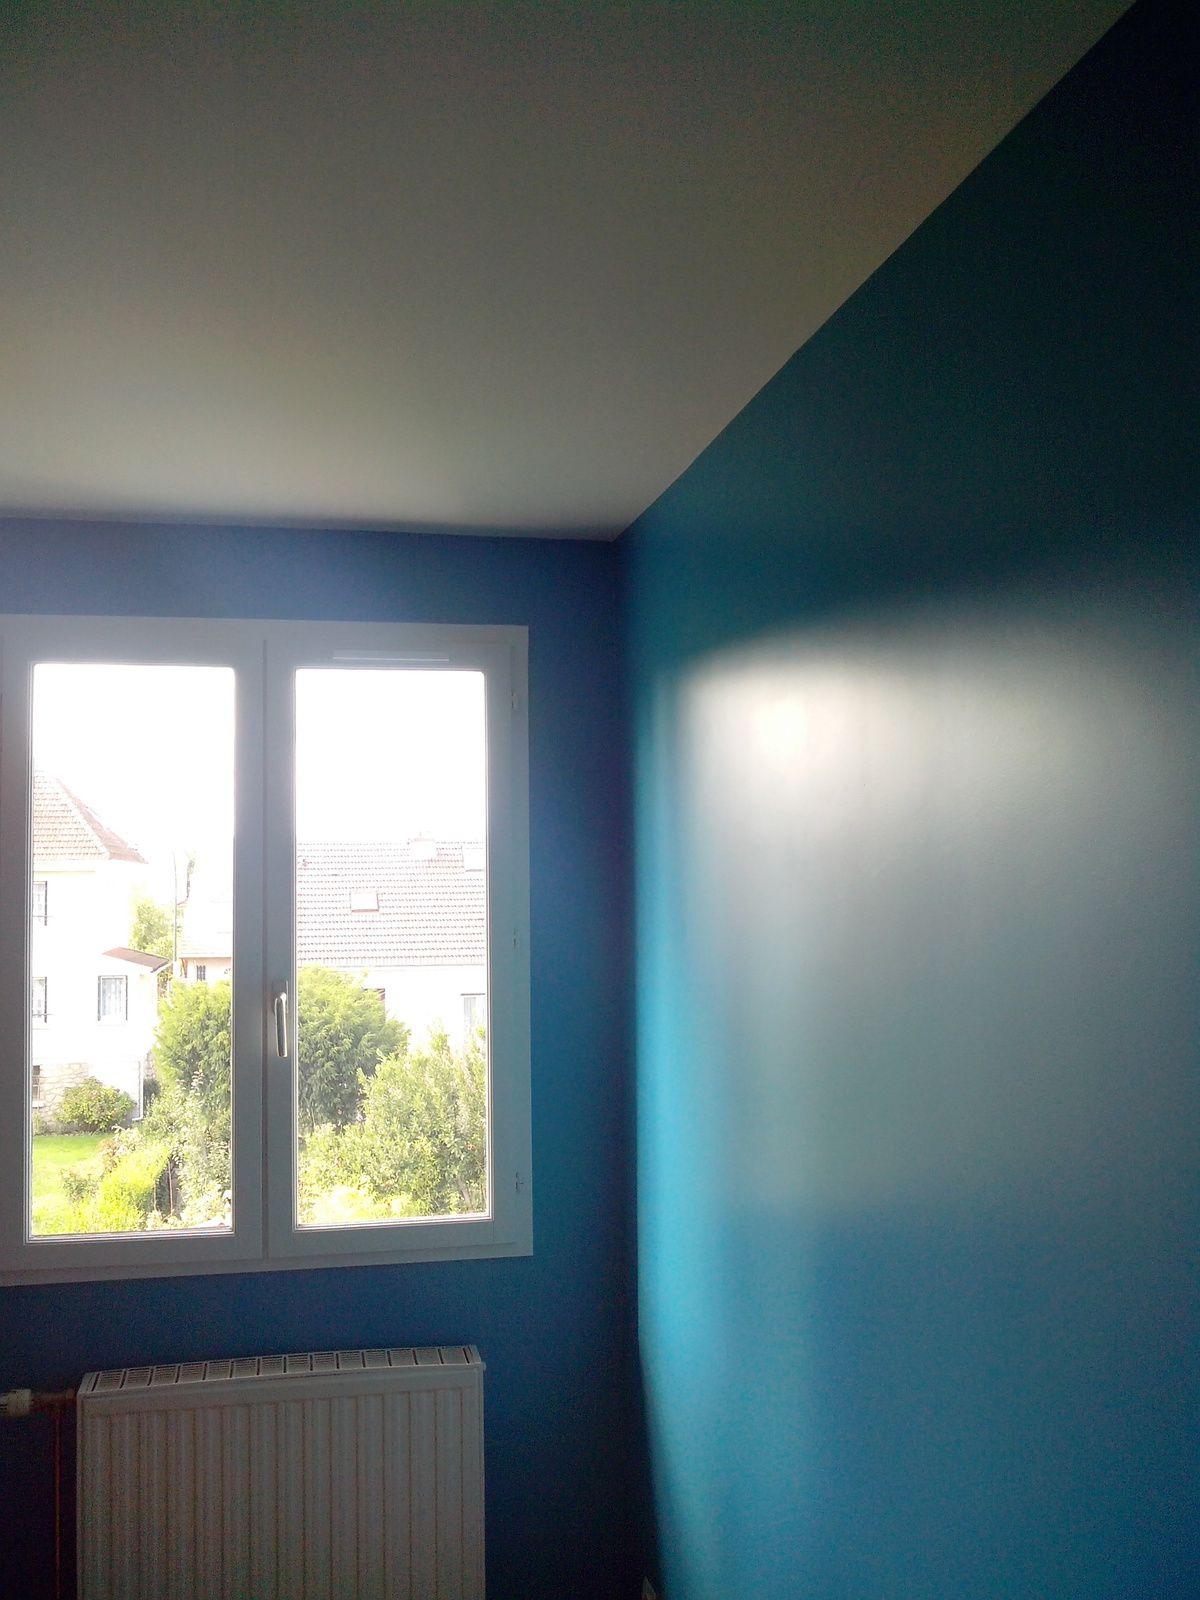 hd wallpapers salle de bain komodo aacdesignpattern